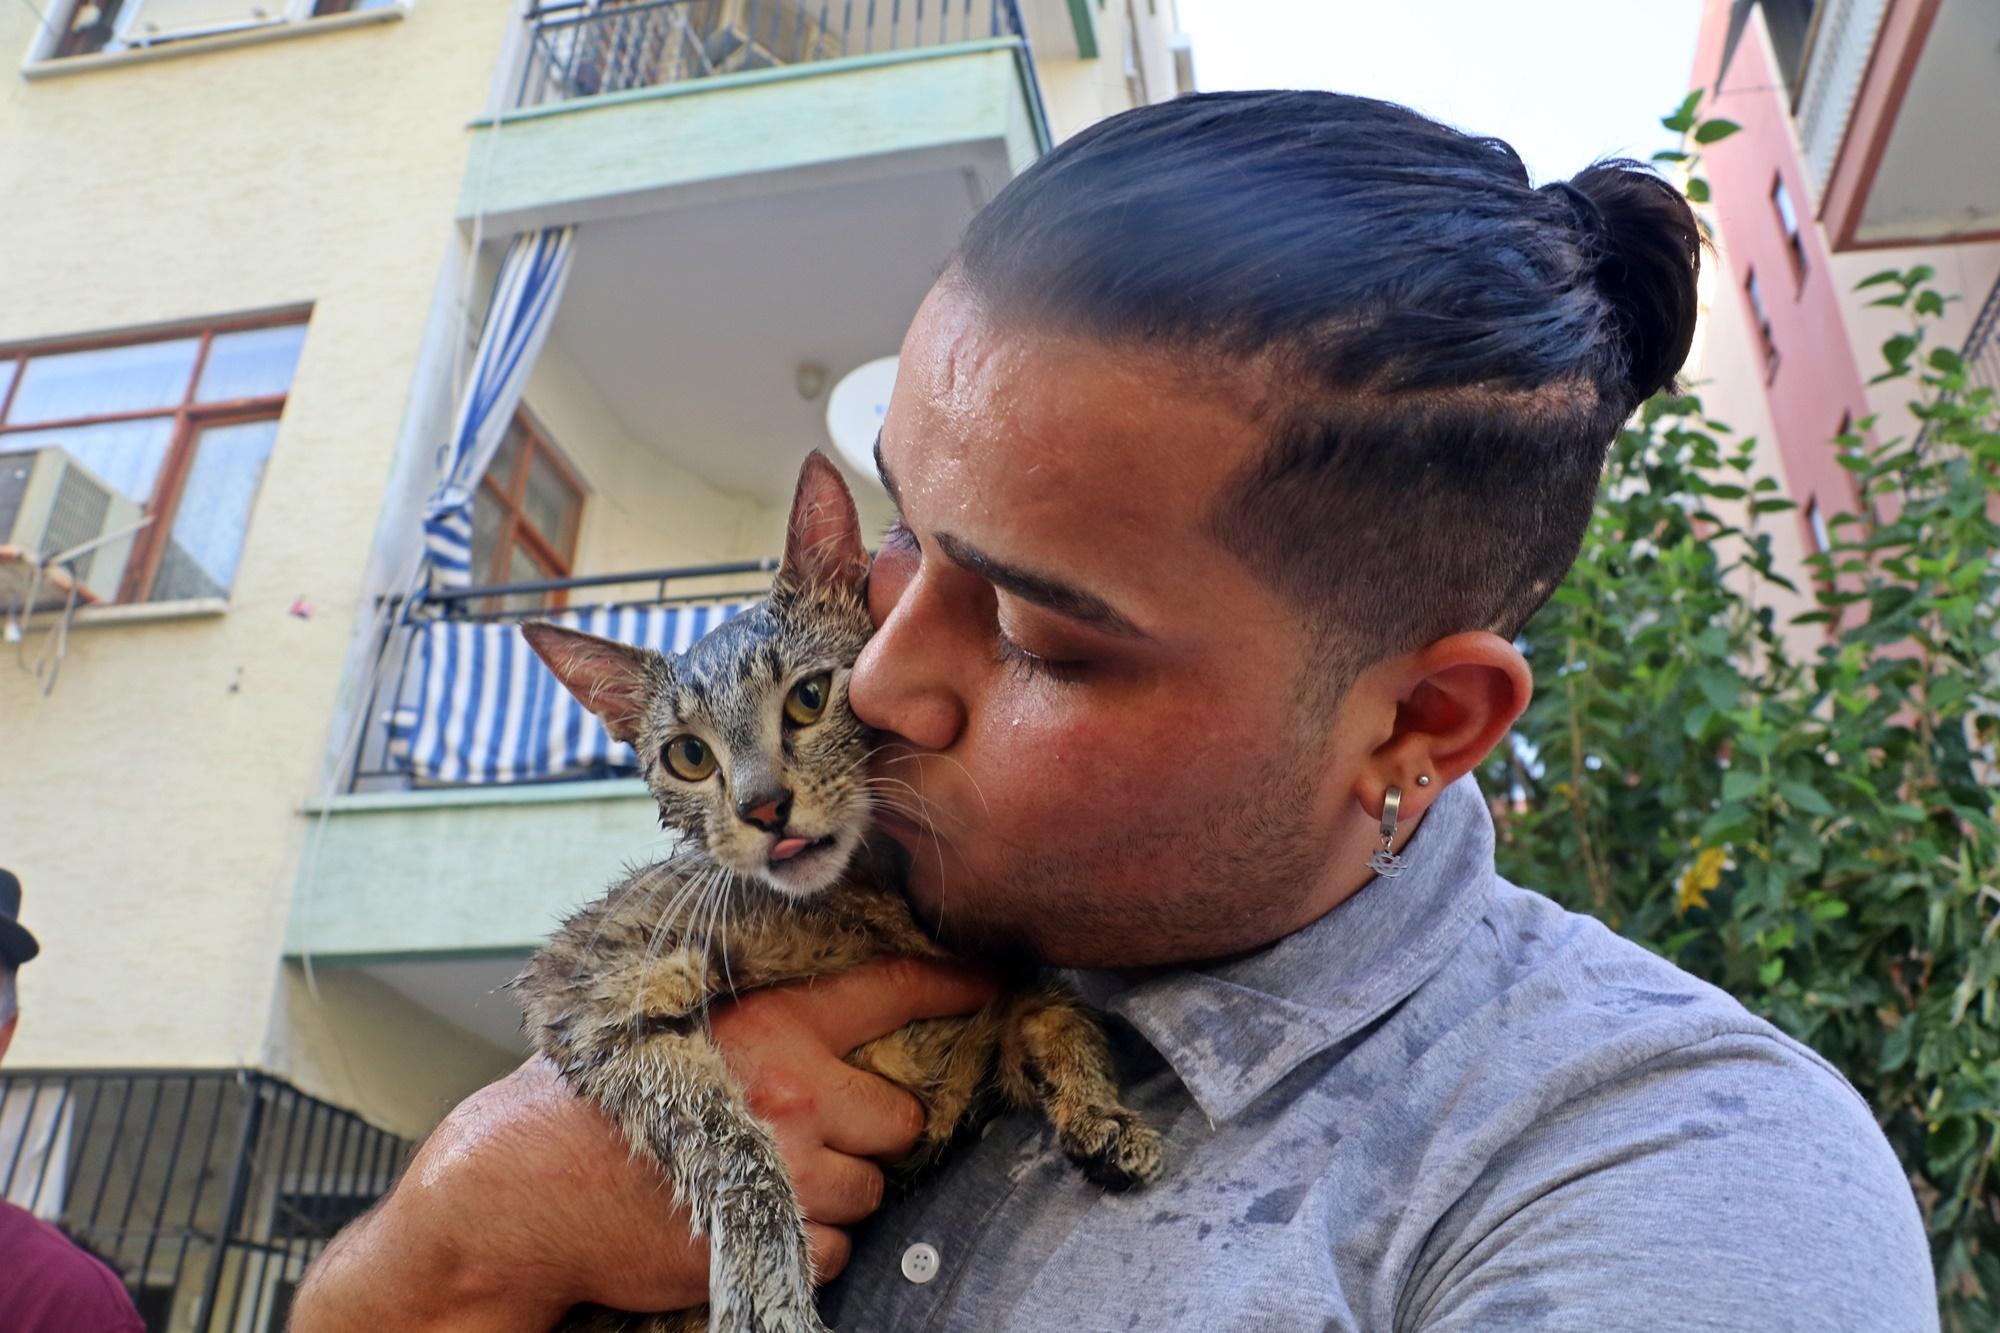 Antalya'da komşusu evini yaktı! Kedileri ekipler kurtardı